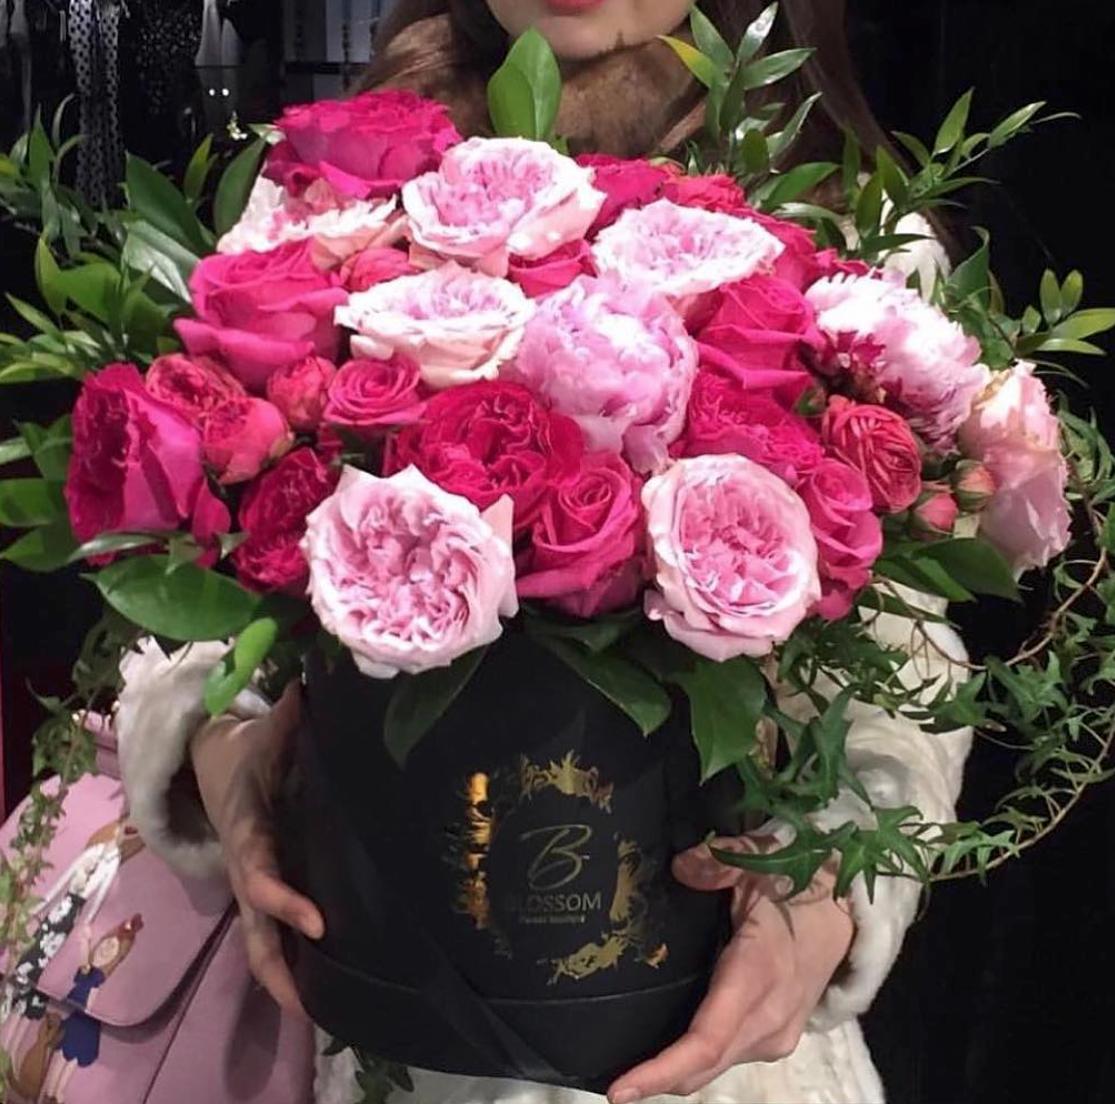 Blooming garden roses Blossom for Dolce&Gabbana Blossom